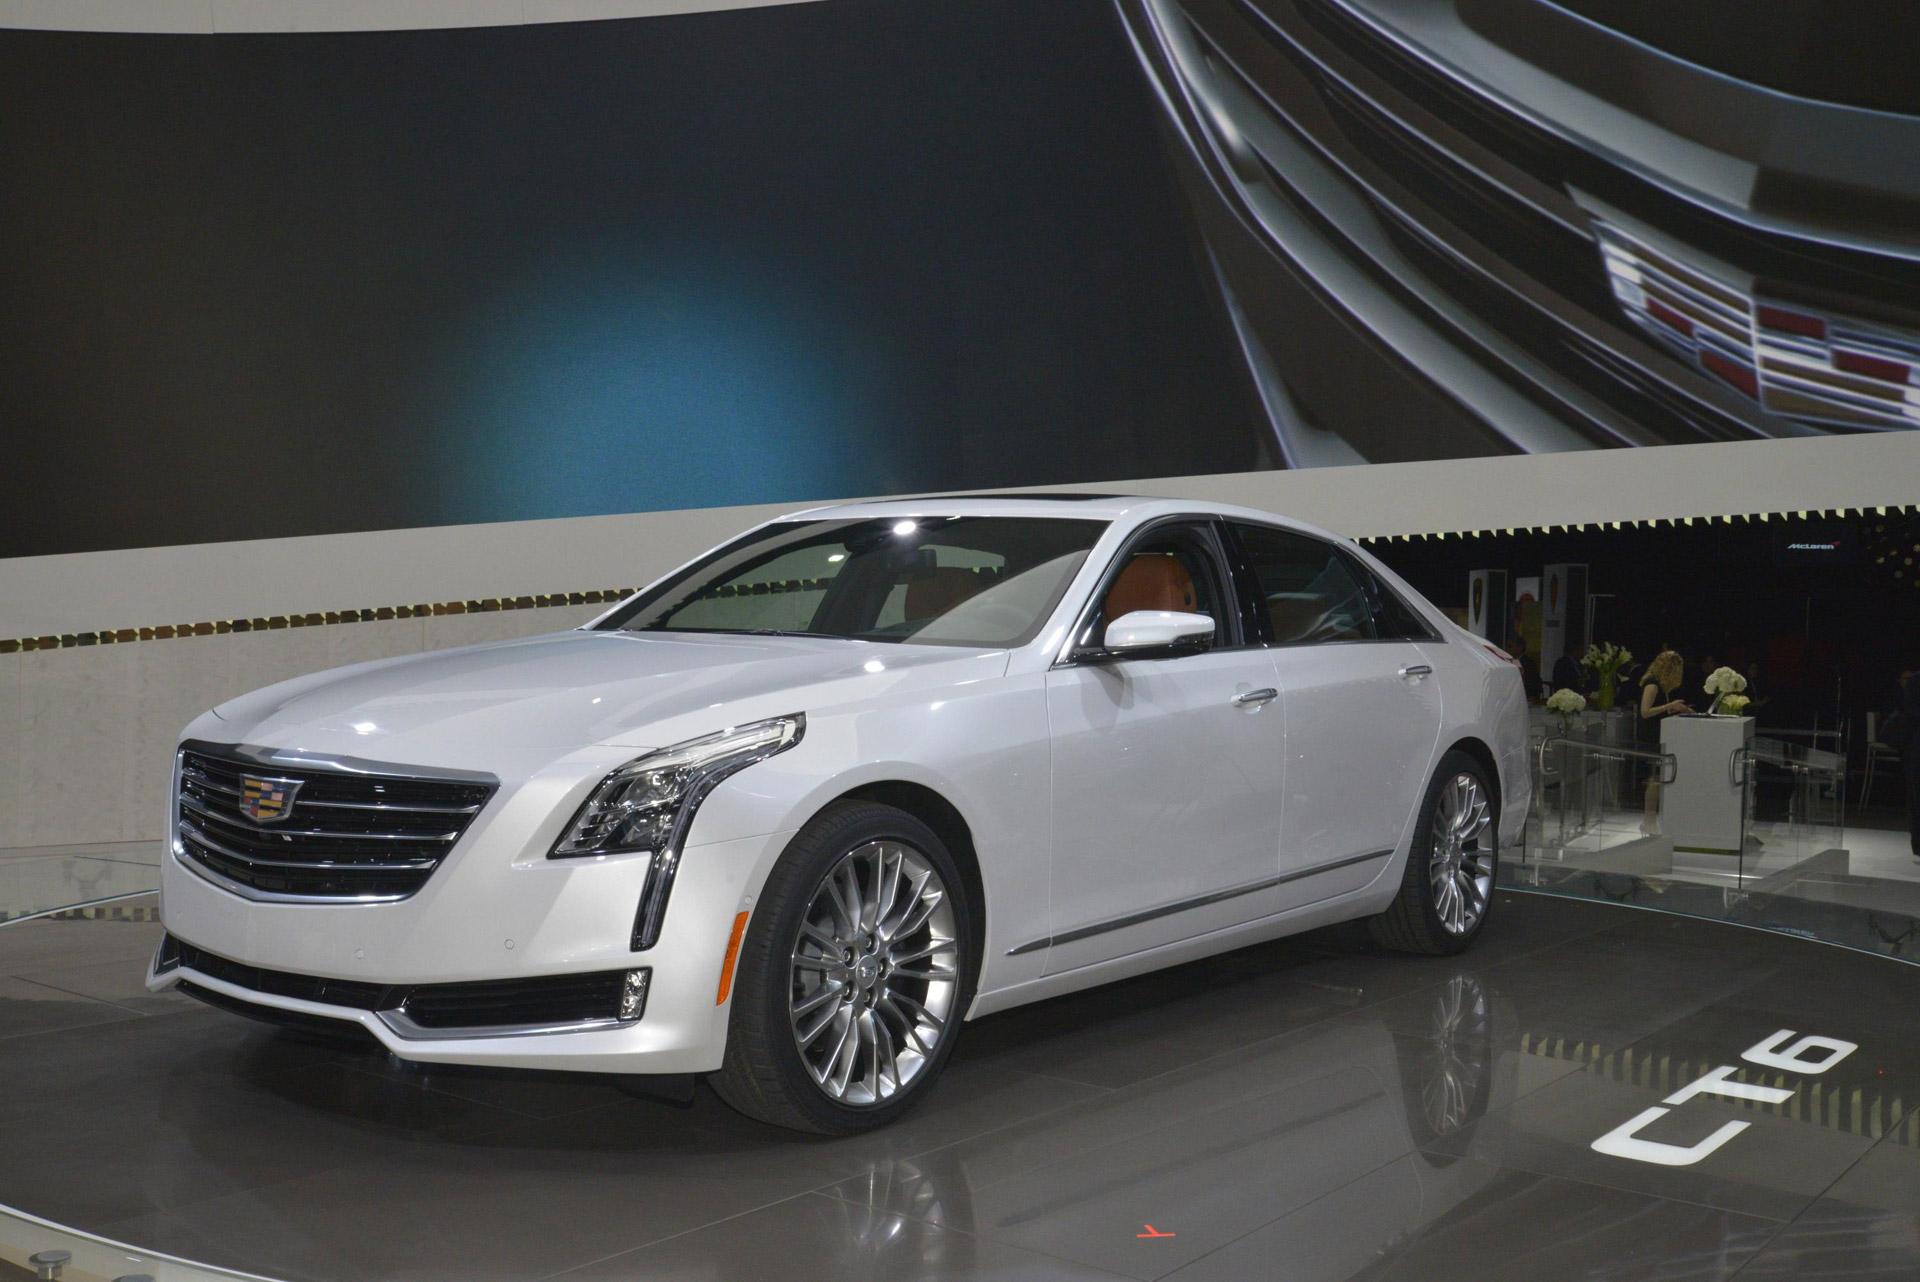 Τέσσερα χρόνια μετά τη μετακόμισή της στη Νέα Υόρκη, η Cadillac επιστρέφει στο Ντιτρόιτ